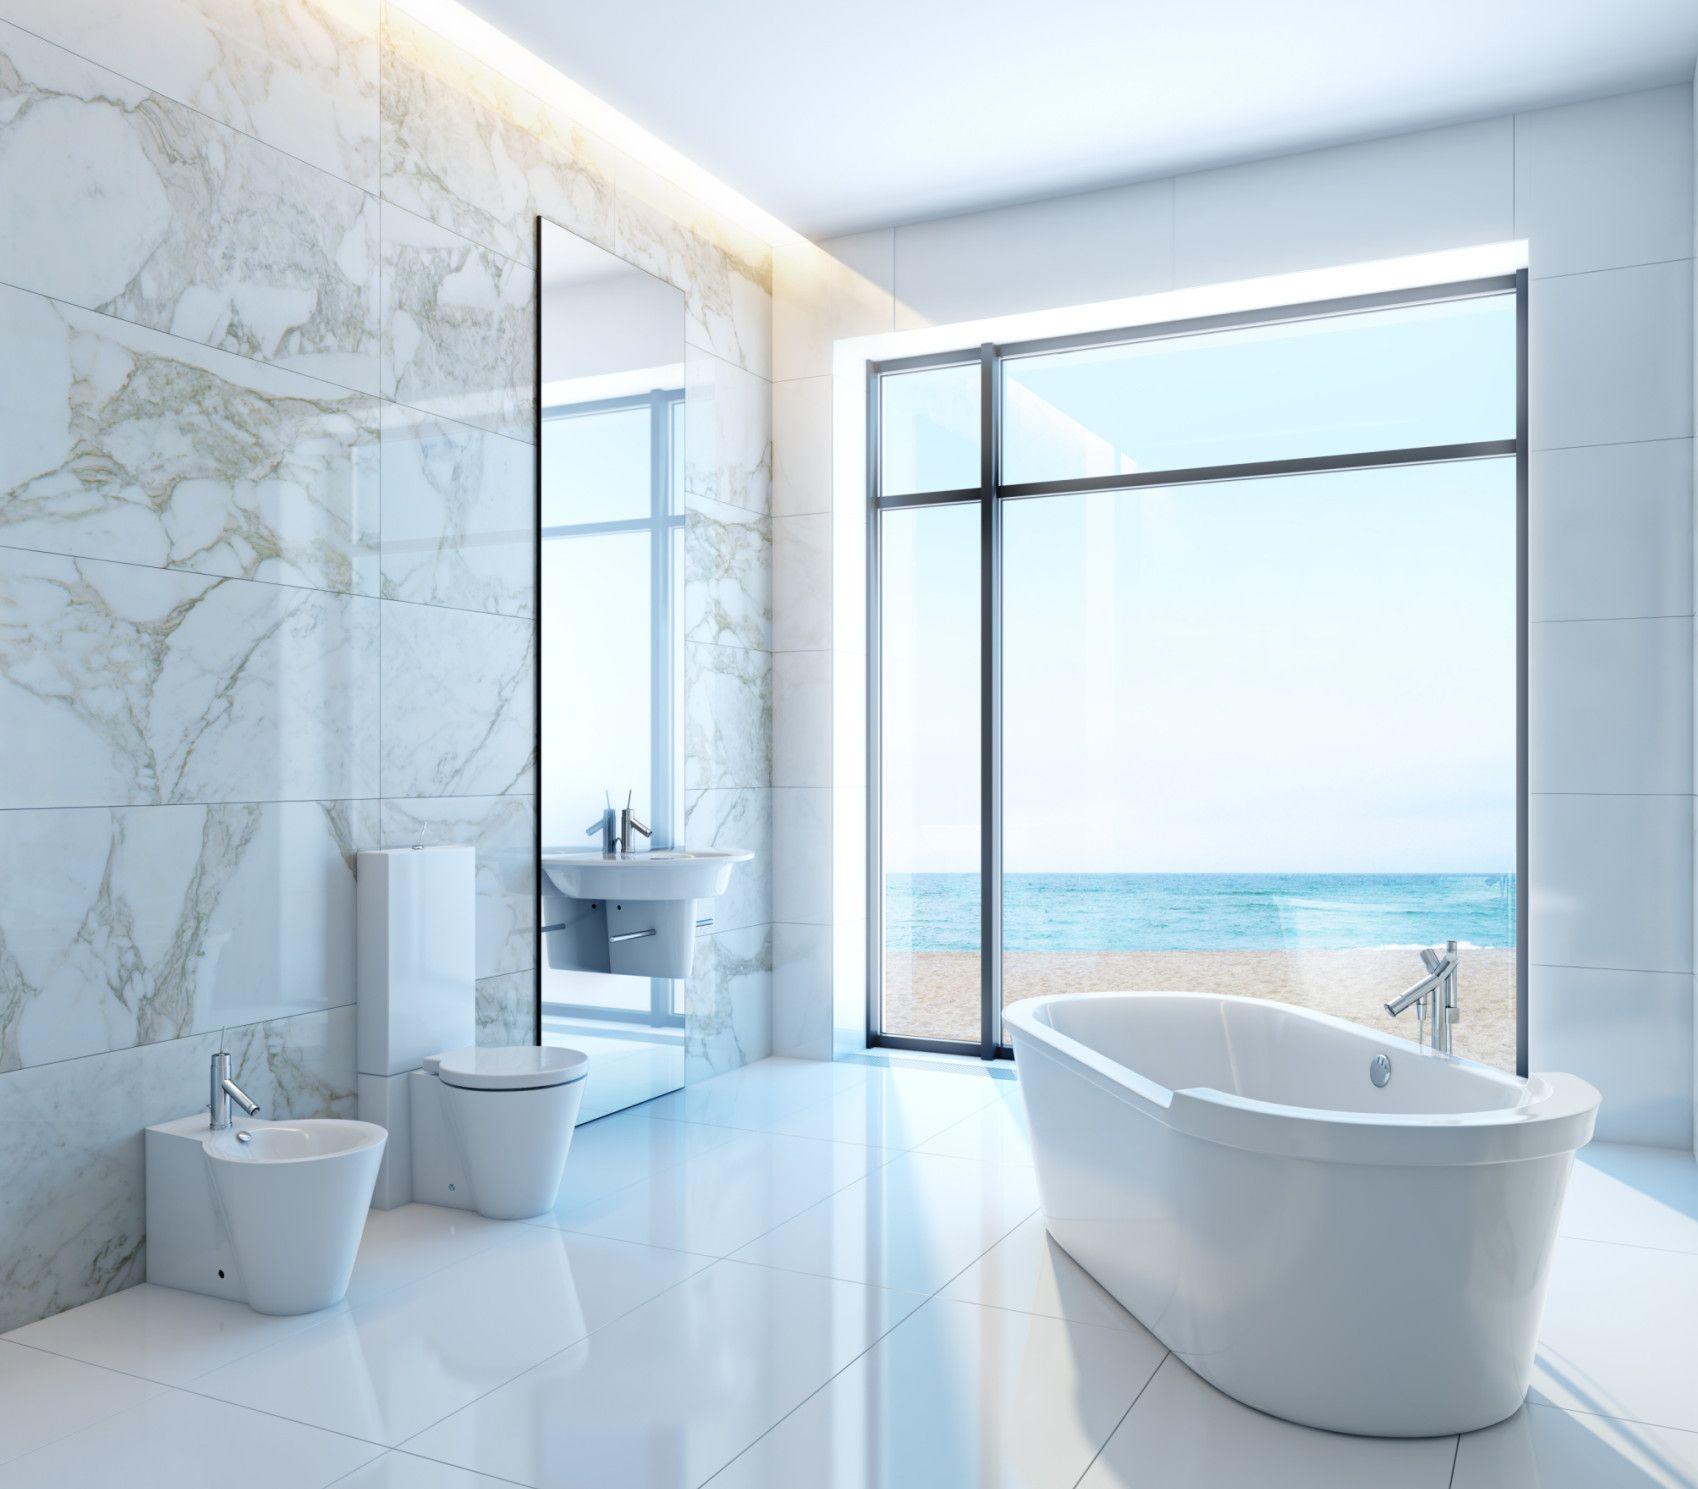 Bodenfliesen im Badezimmer – die Trends 2016 | Badezimmer ...